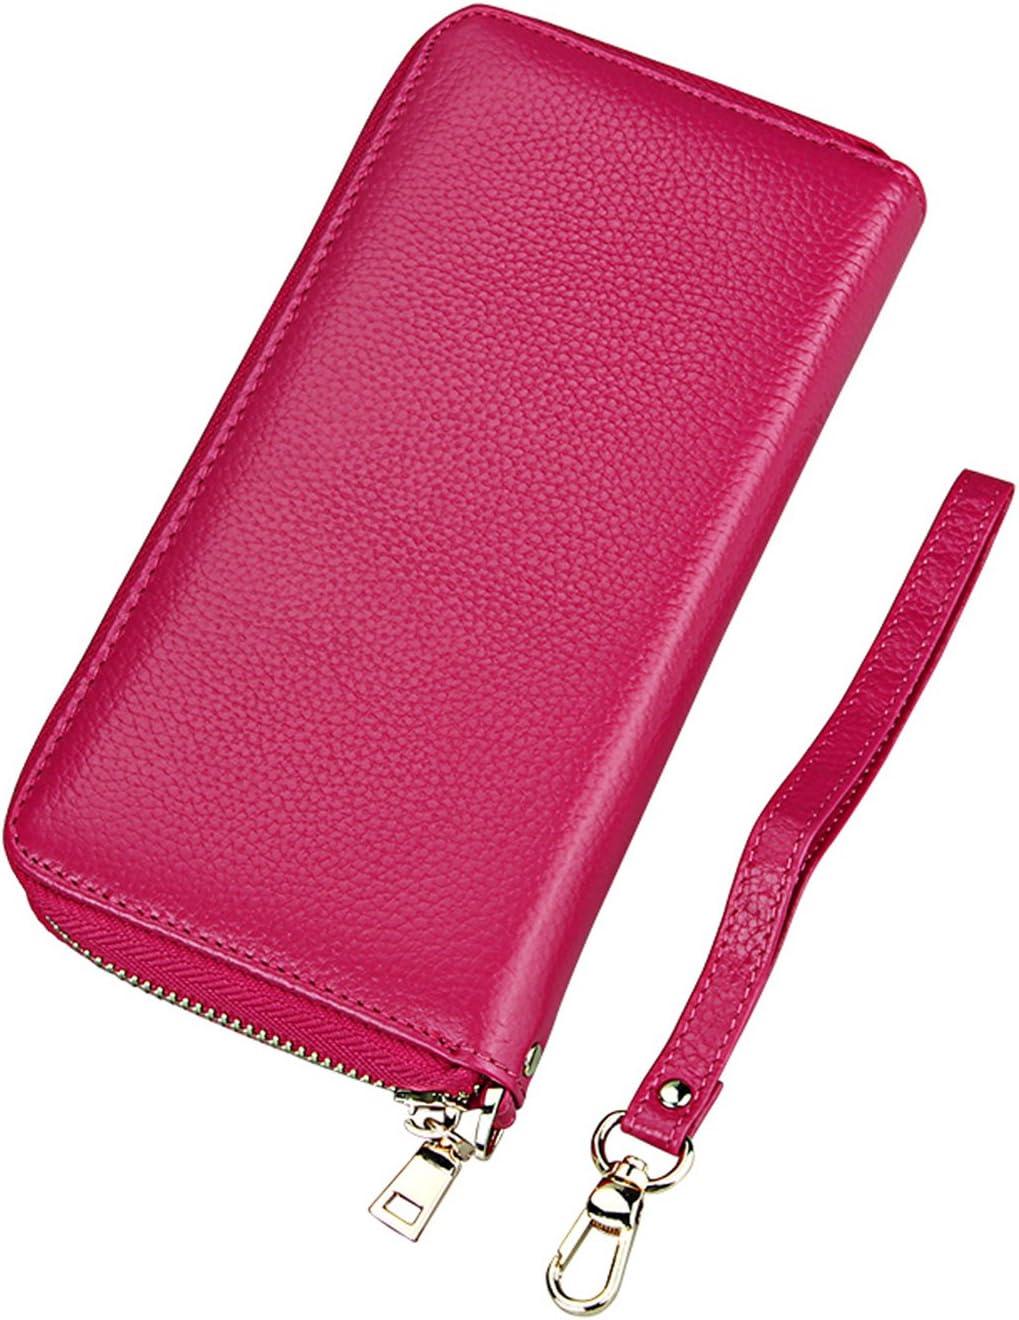 iSuperb Billetera de Cuero Monederos Mujeres Cartera Wallet Titular de la Tarjeta para Cartas y Dinero 20 X 10.5 X 3CM Rojo